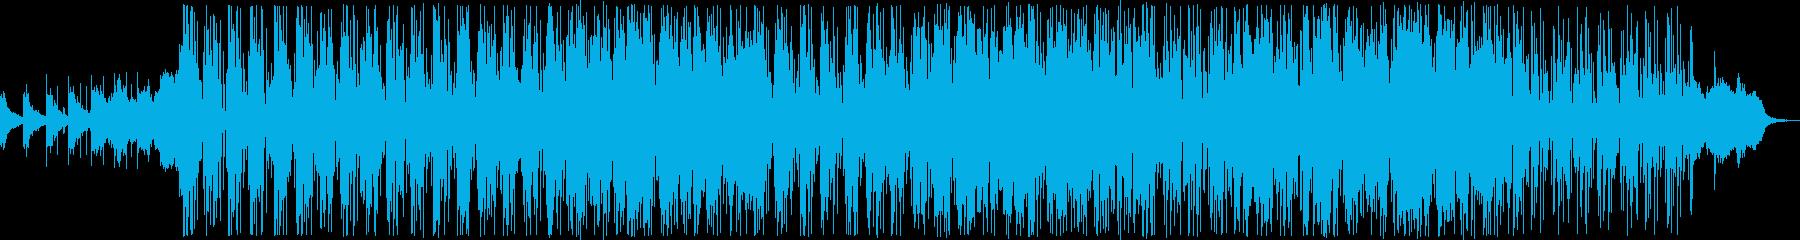 オリエンタルな雰囲気のバラード2の再生済みの波形